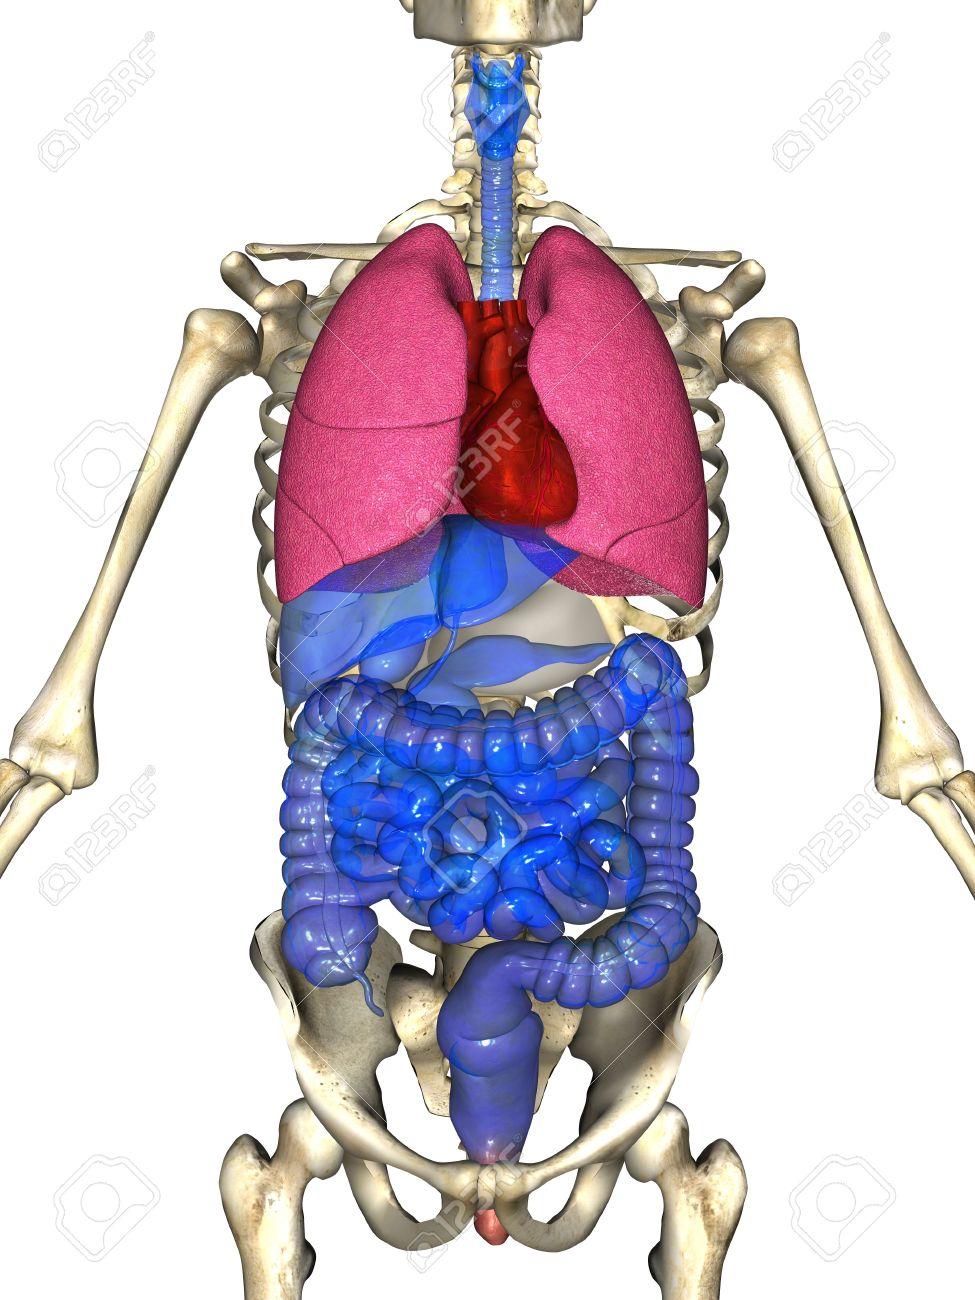 Representación 3D De Los Principales órganos Y Sistemas Del Cuerpo ...